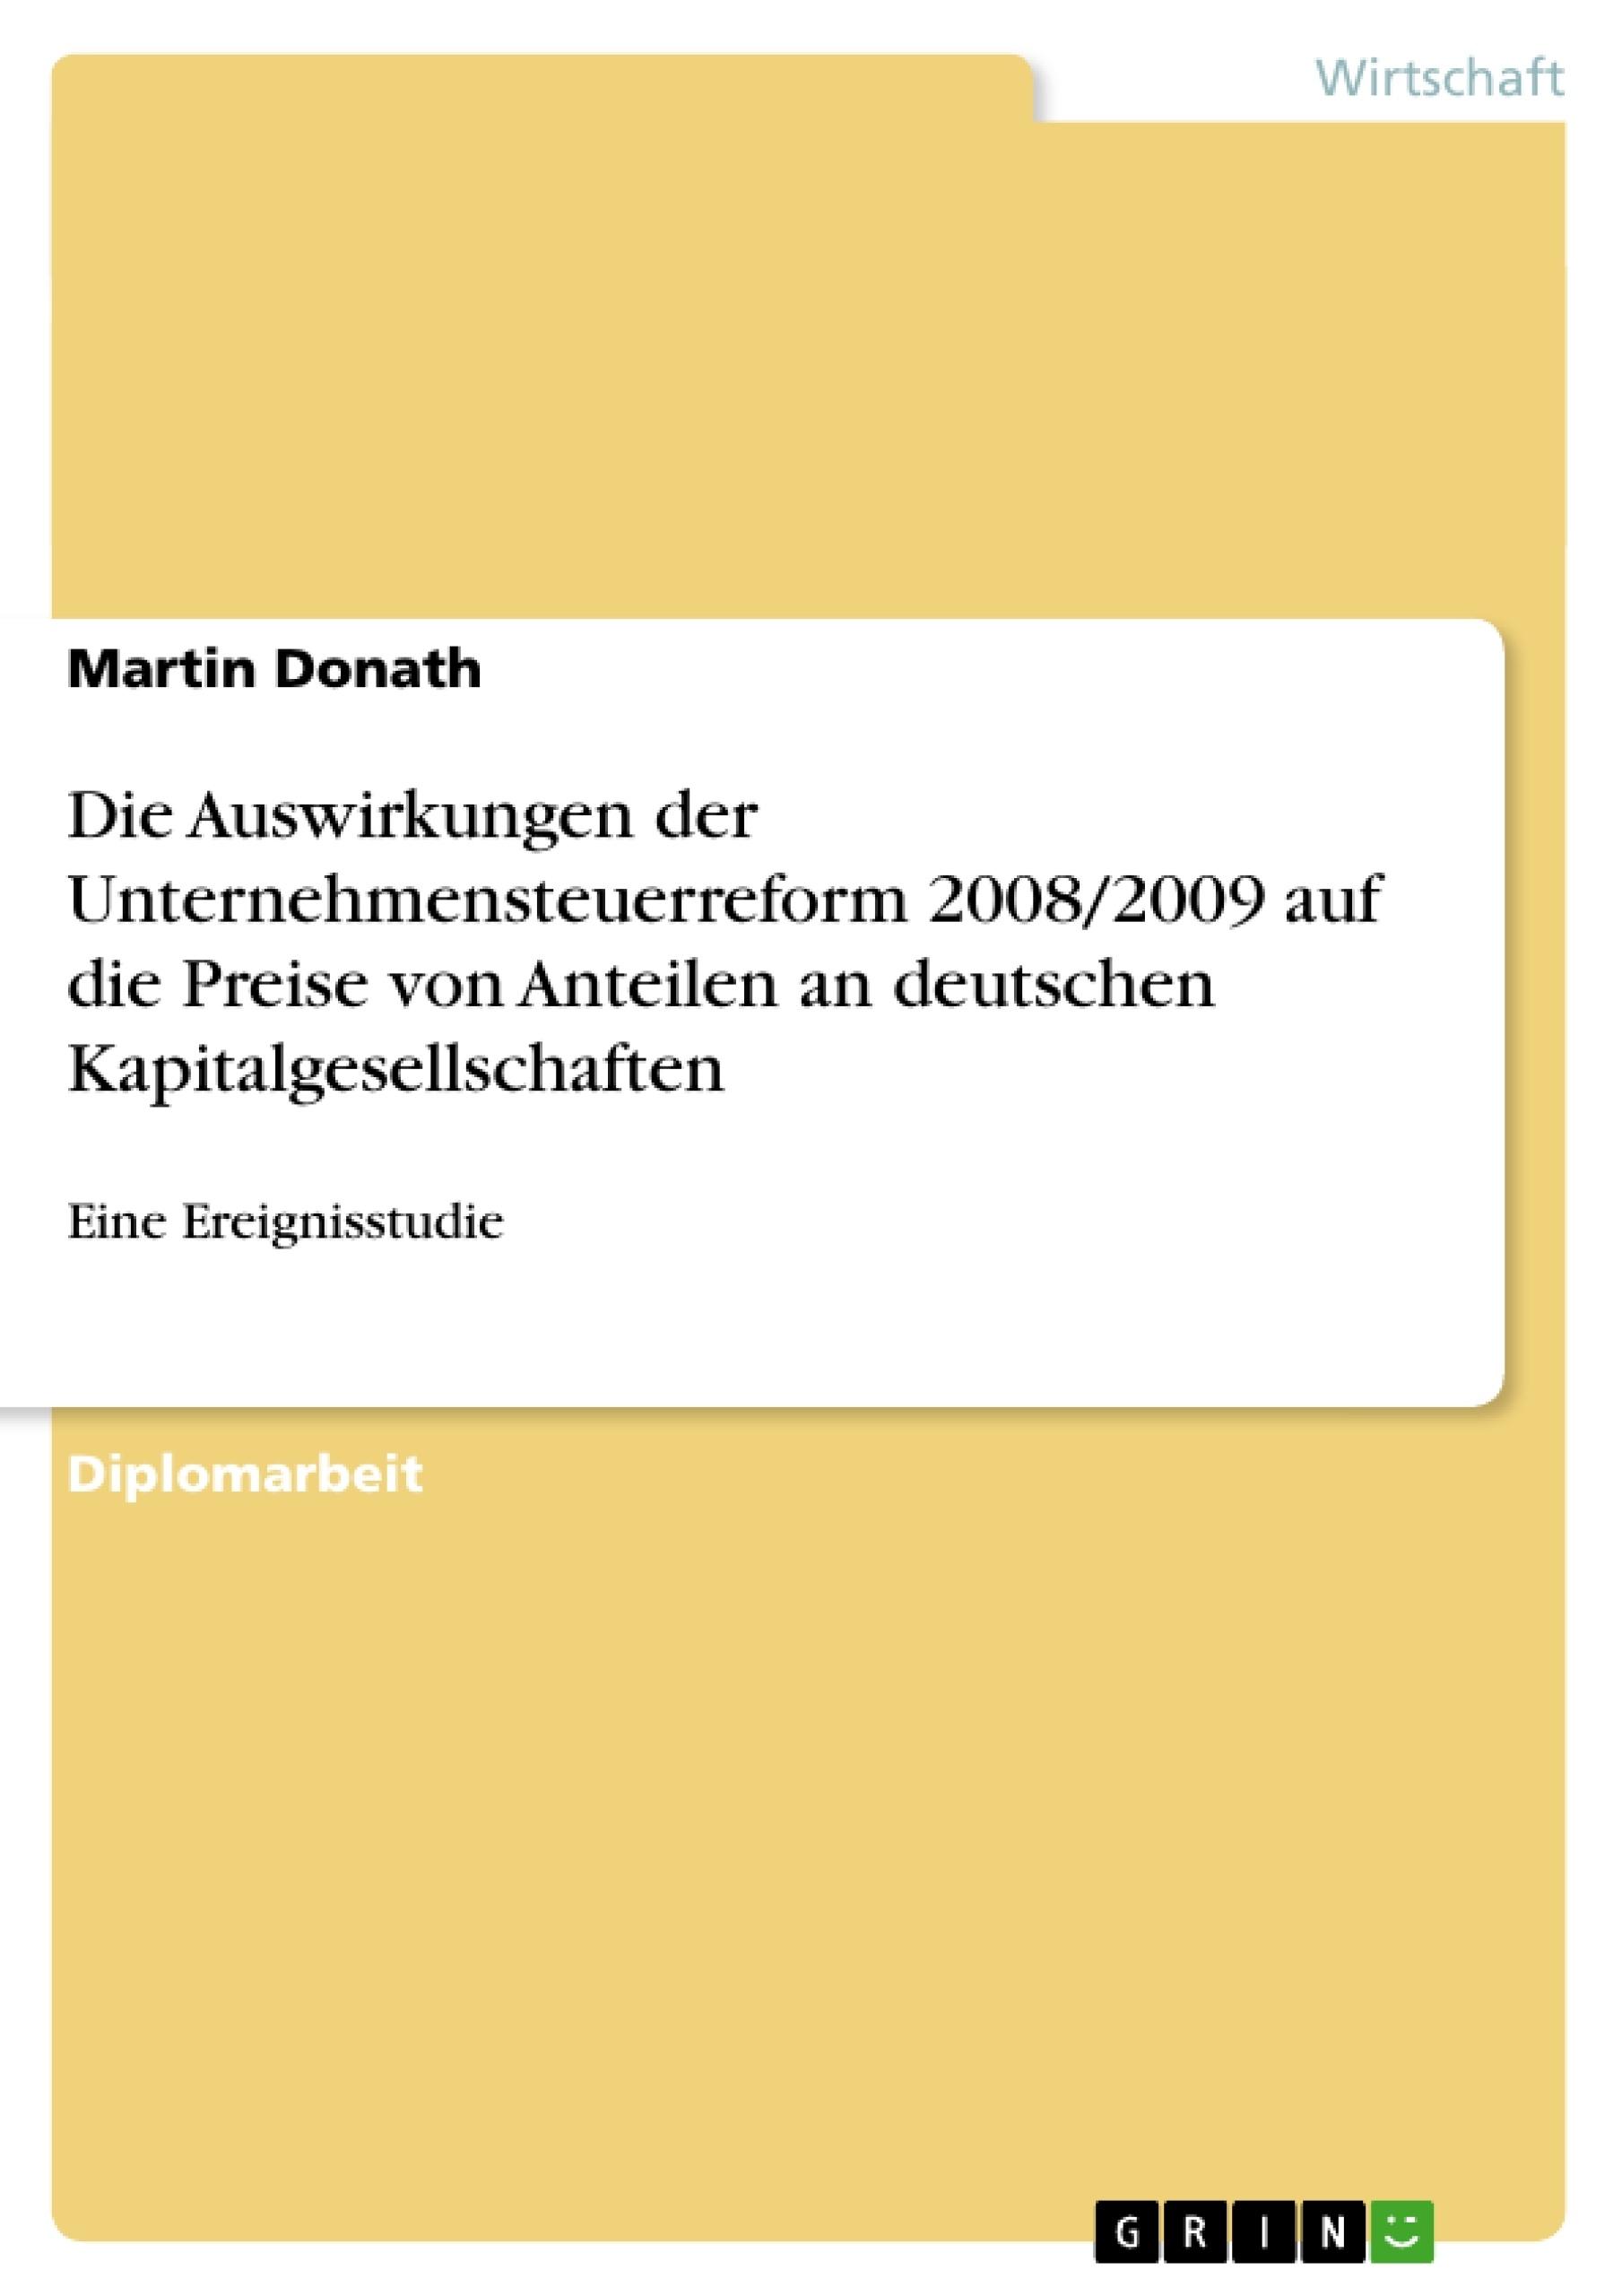 Titel: Die Auswirkungen der Unternehmensteuerreform 2008/2009 auf die Preise von Anteilen an deutschen Kapitalgesellschaften